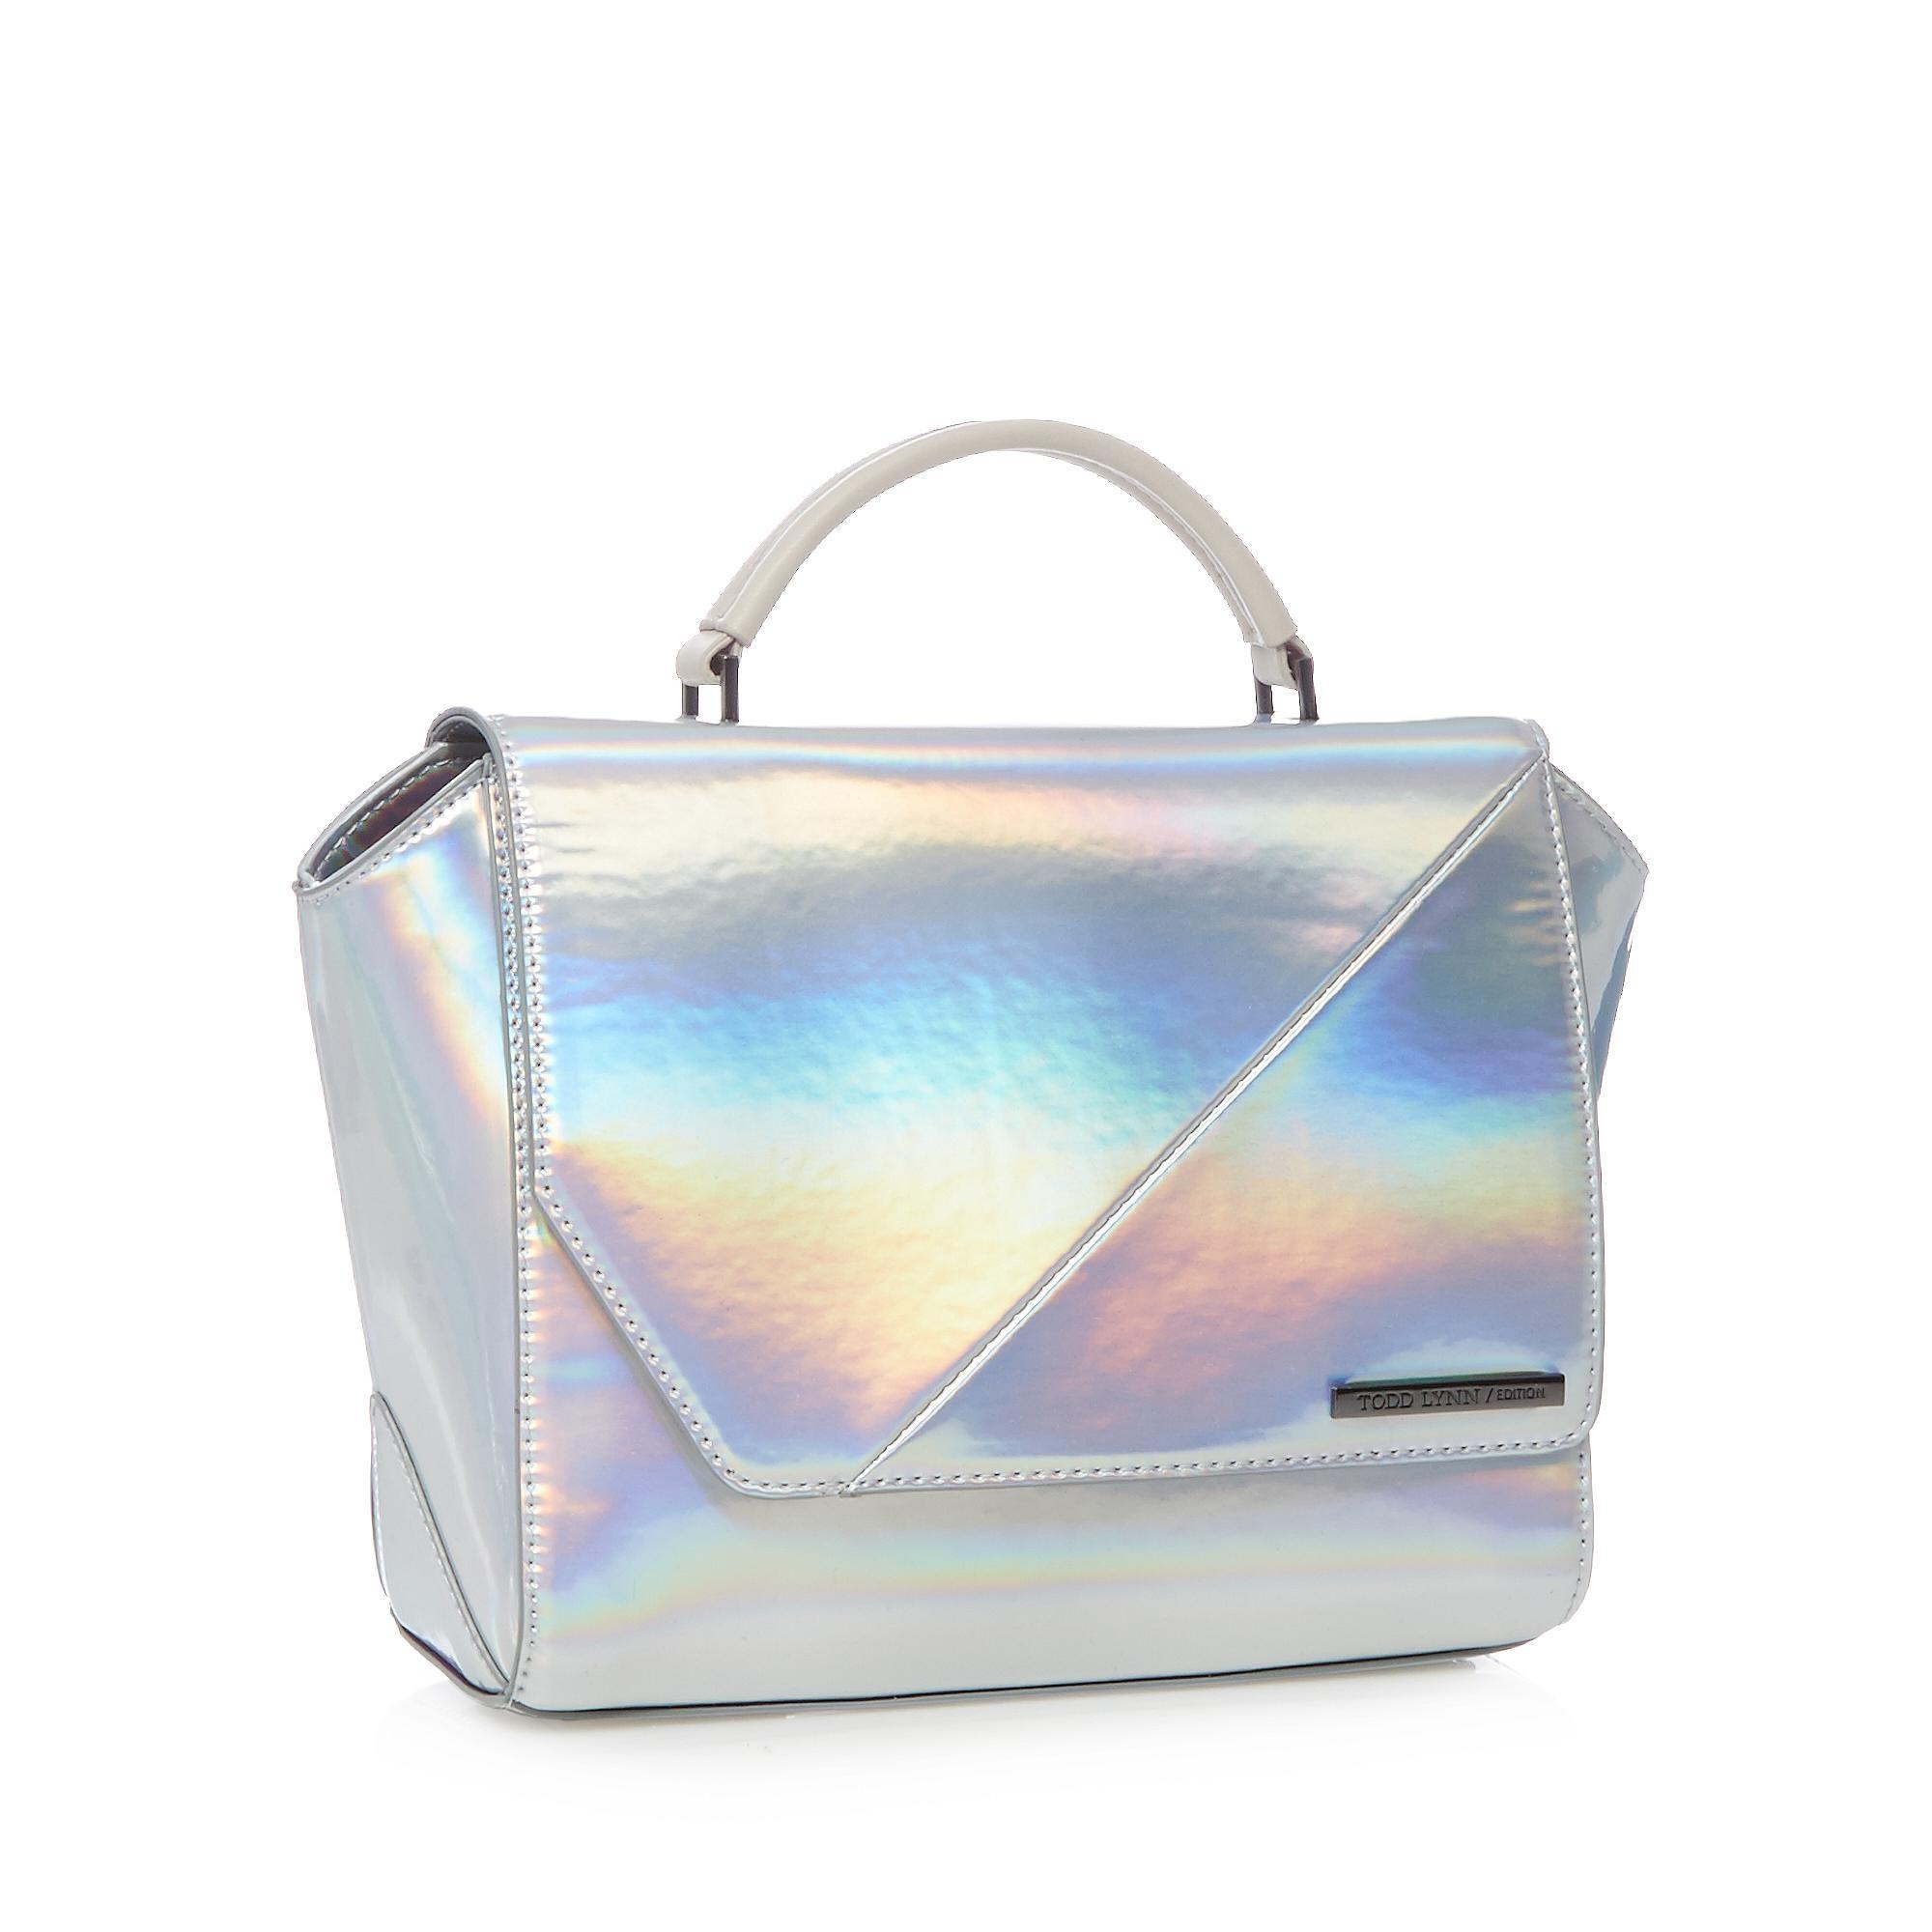 Todd Lynn Designer Silver Kitty Iridescent Satchel Handbags Purses Debenhams